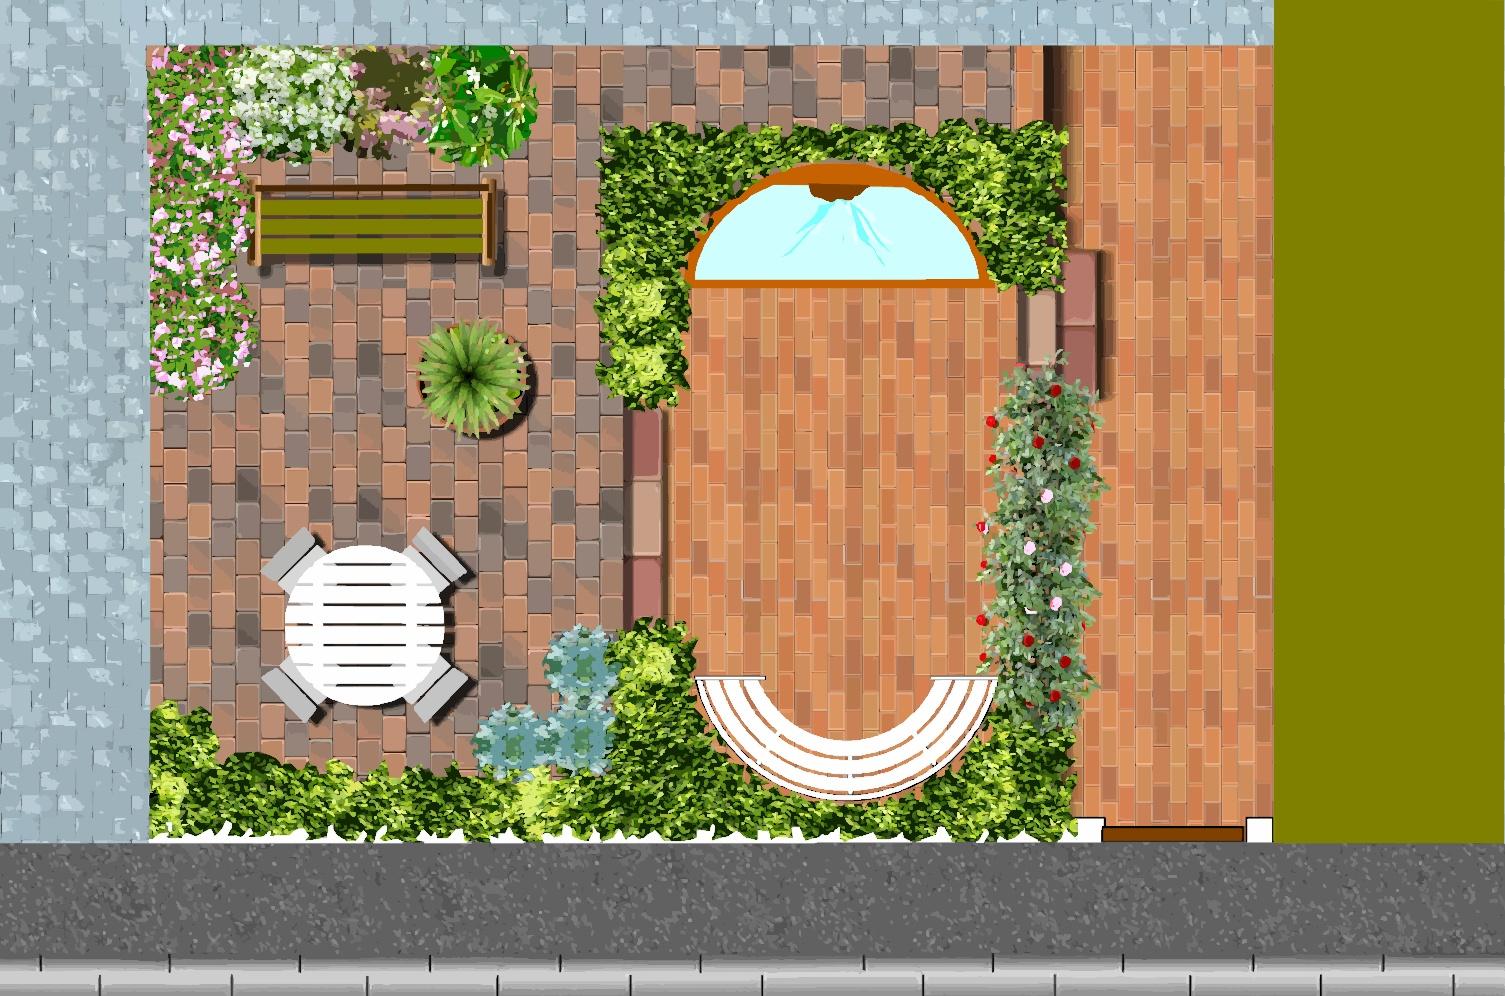 Jardin urbain cr er un petit jardin de ville - Plan de jardin ...